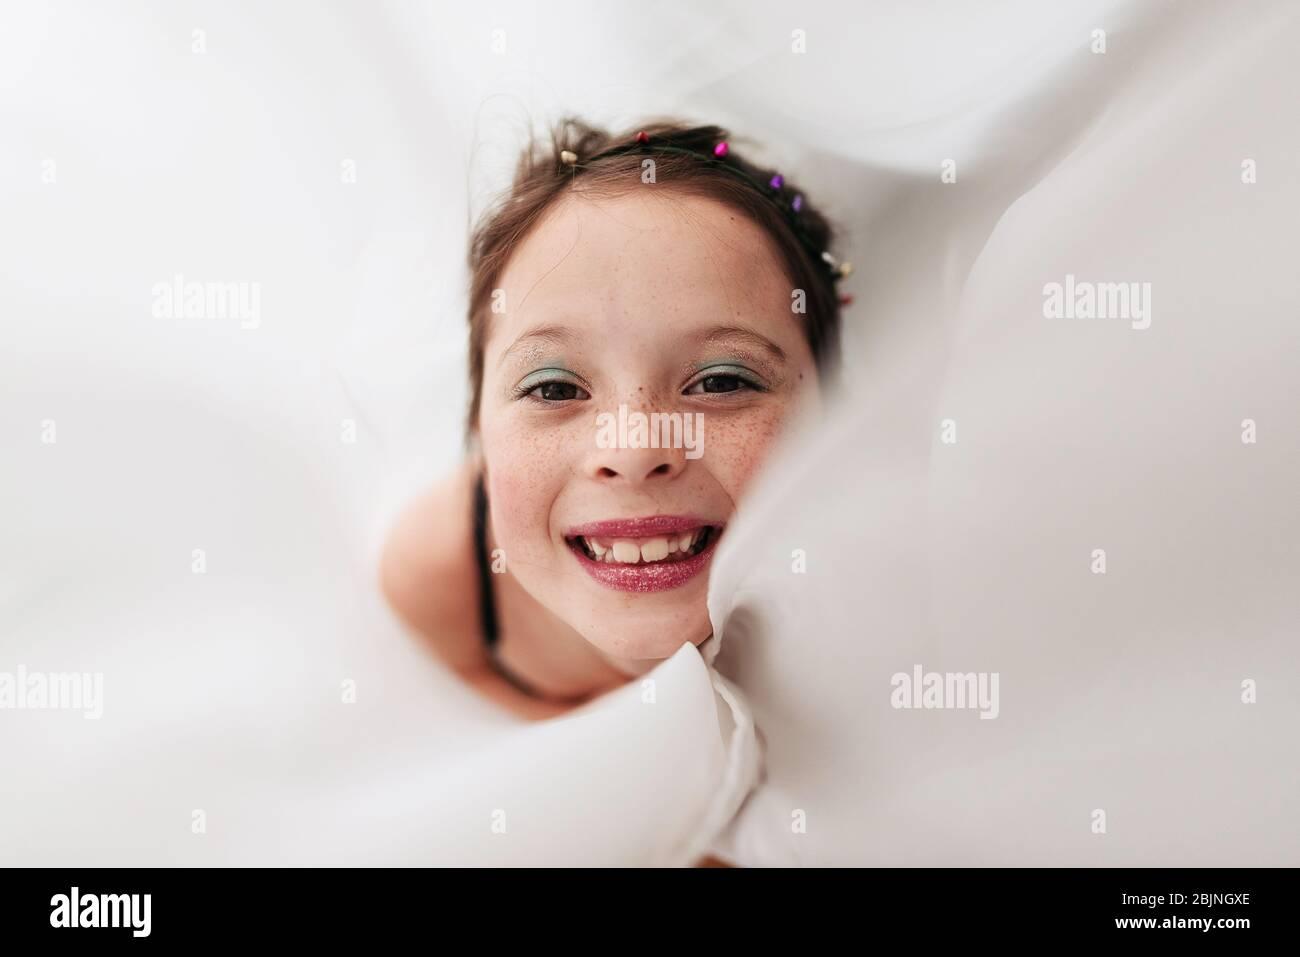 Ritratto di una ragazza giovane che indossa make-up avvolto in una tenda Foto Stock